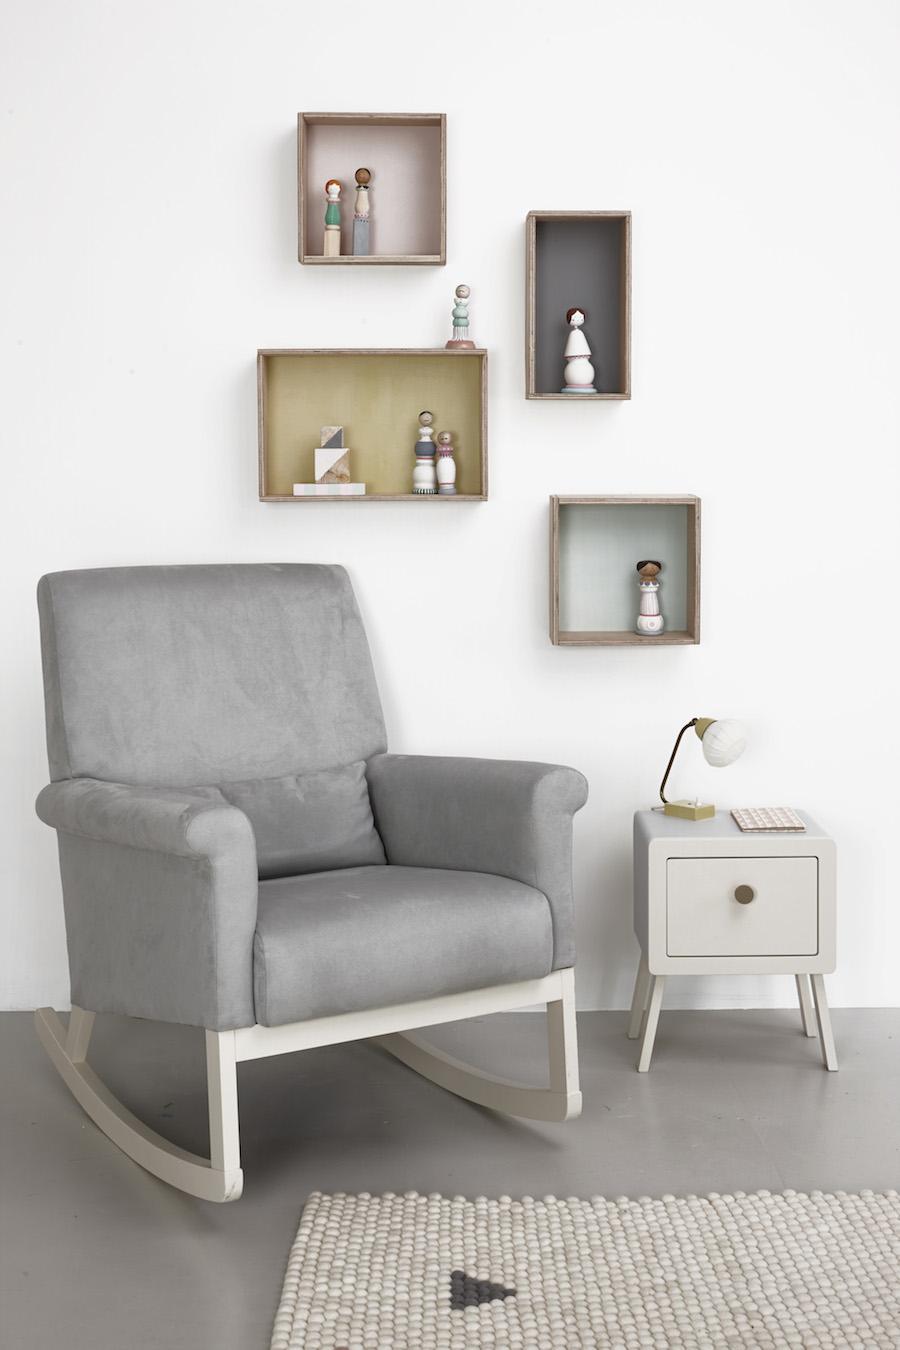 The Ro-Ki rocker chair by Olli Ella